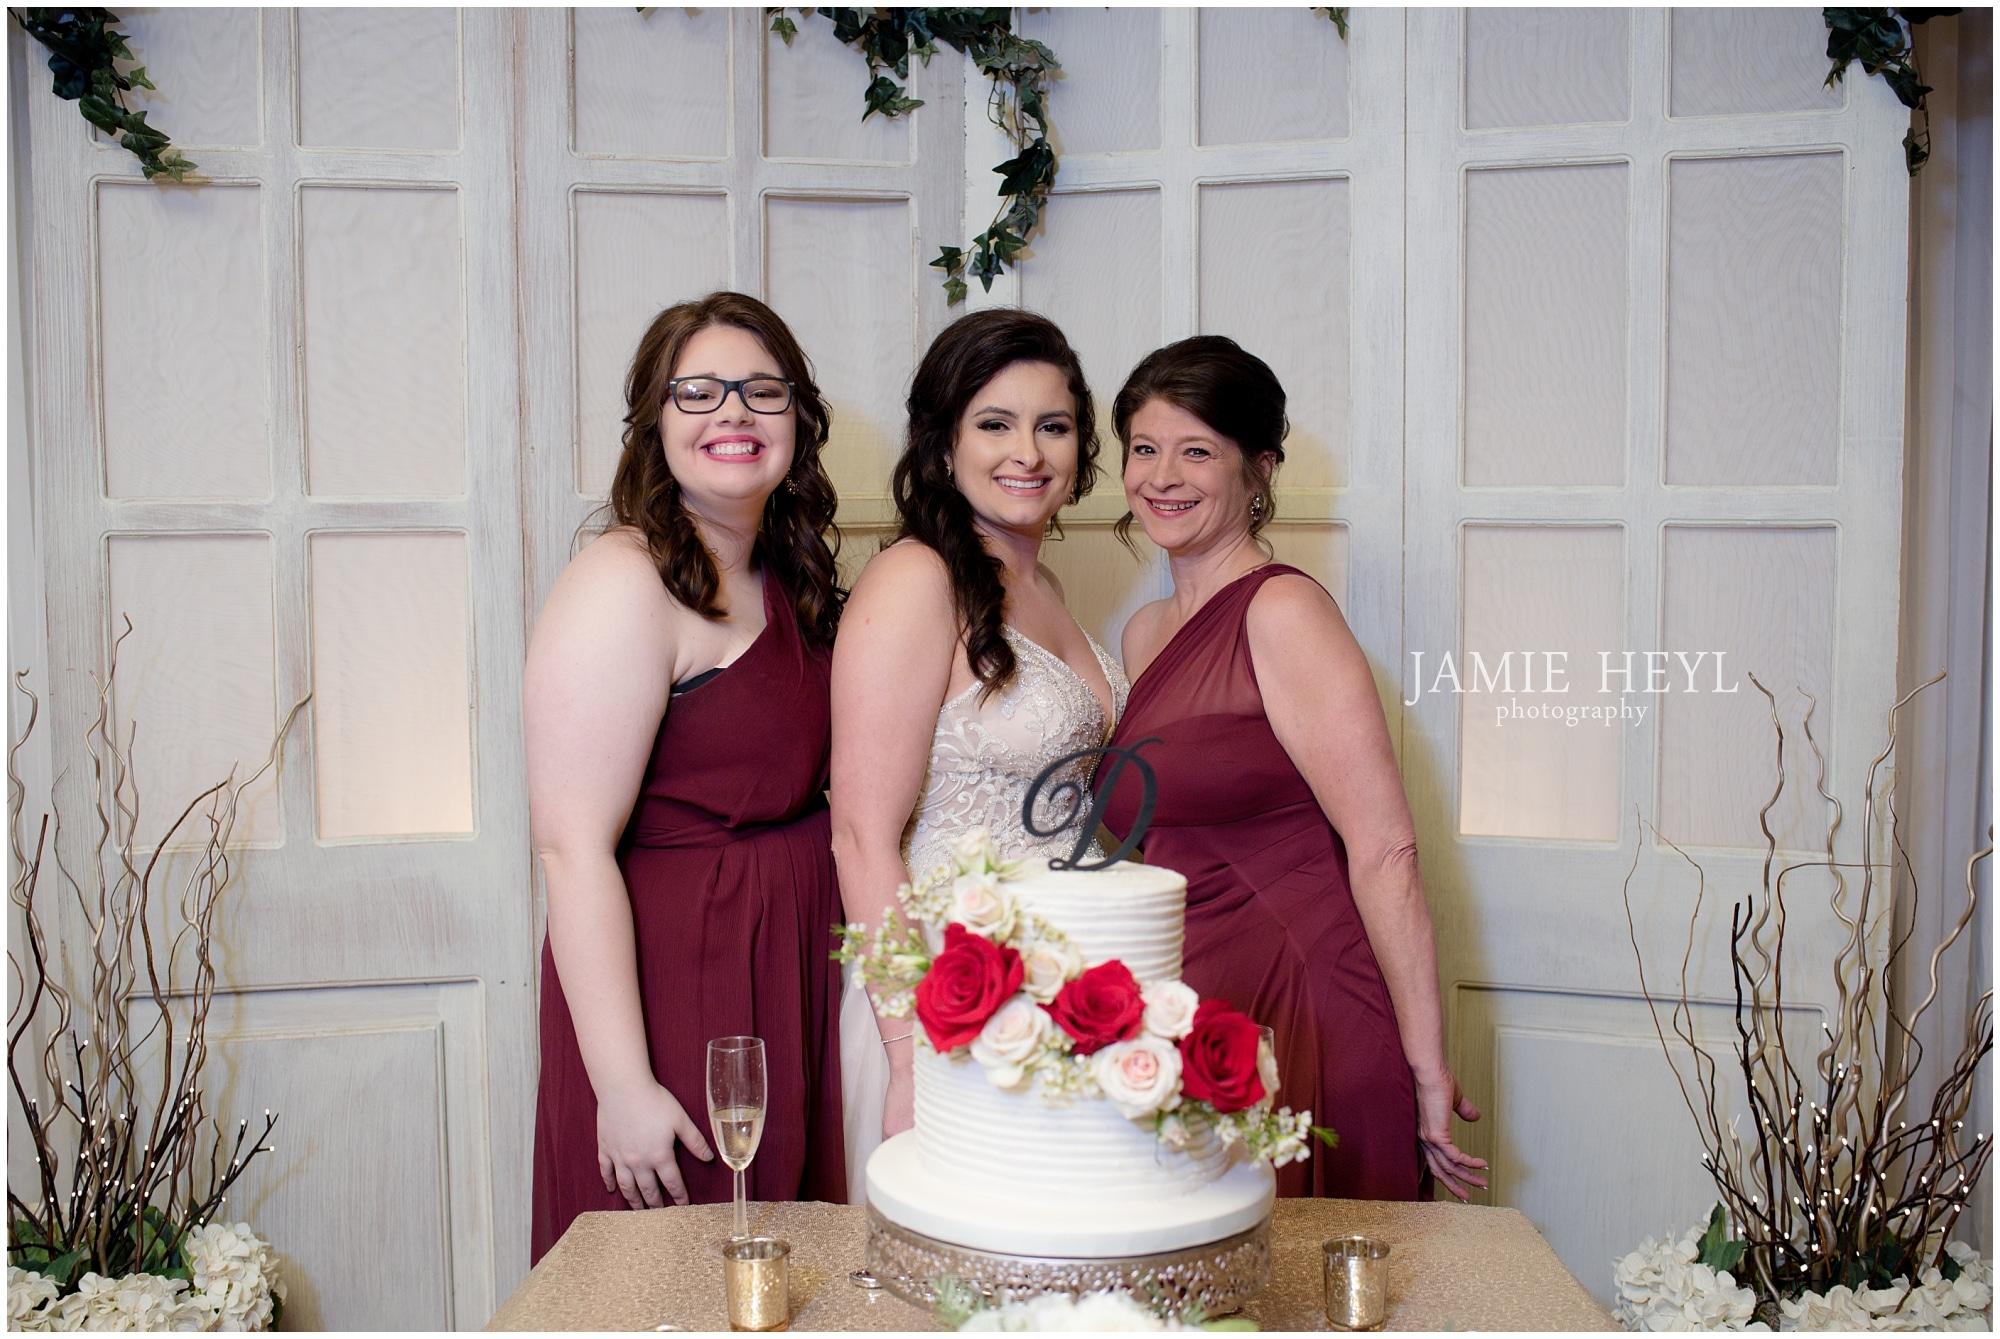 Cafe JoJo's bridal party pics